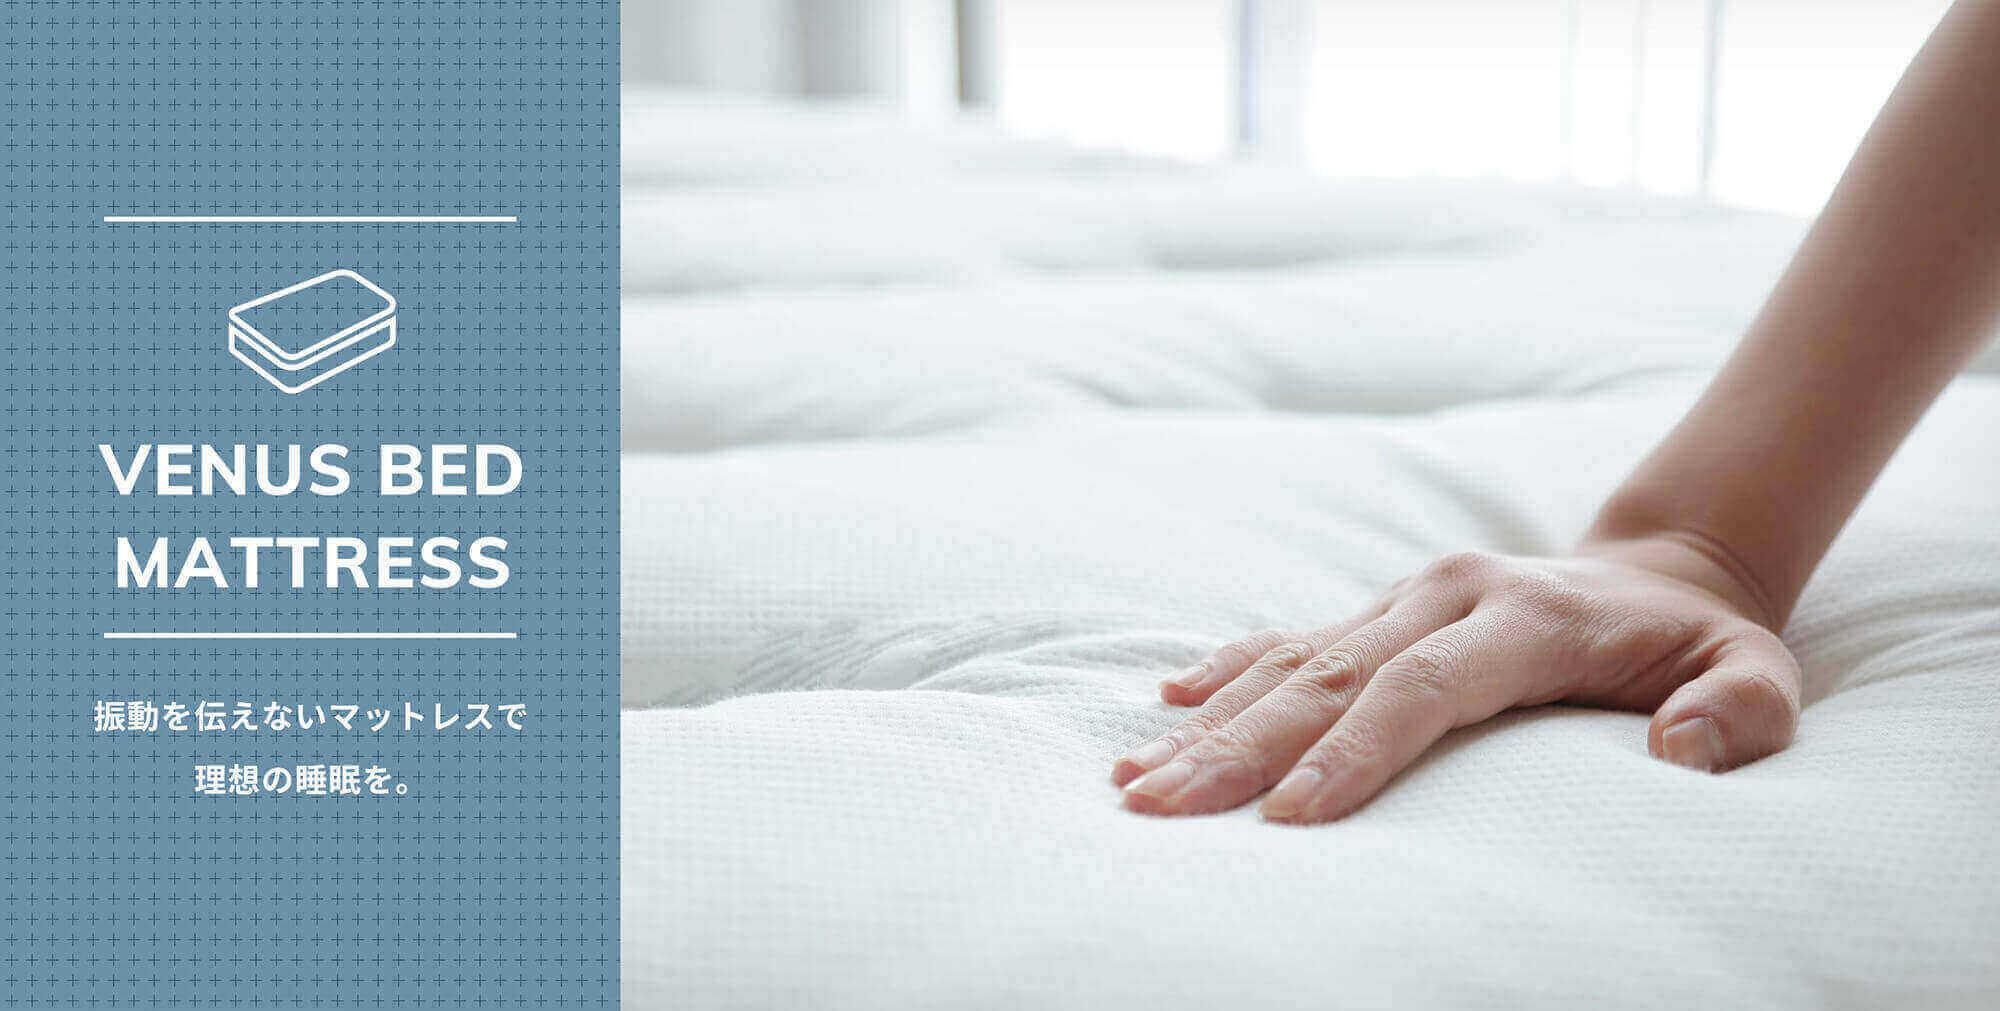 振動を伝えないマットレスで理想の睡眠を。